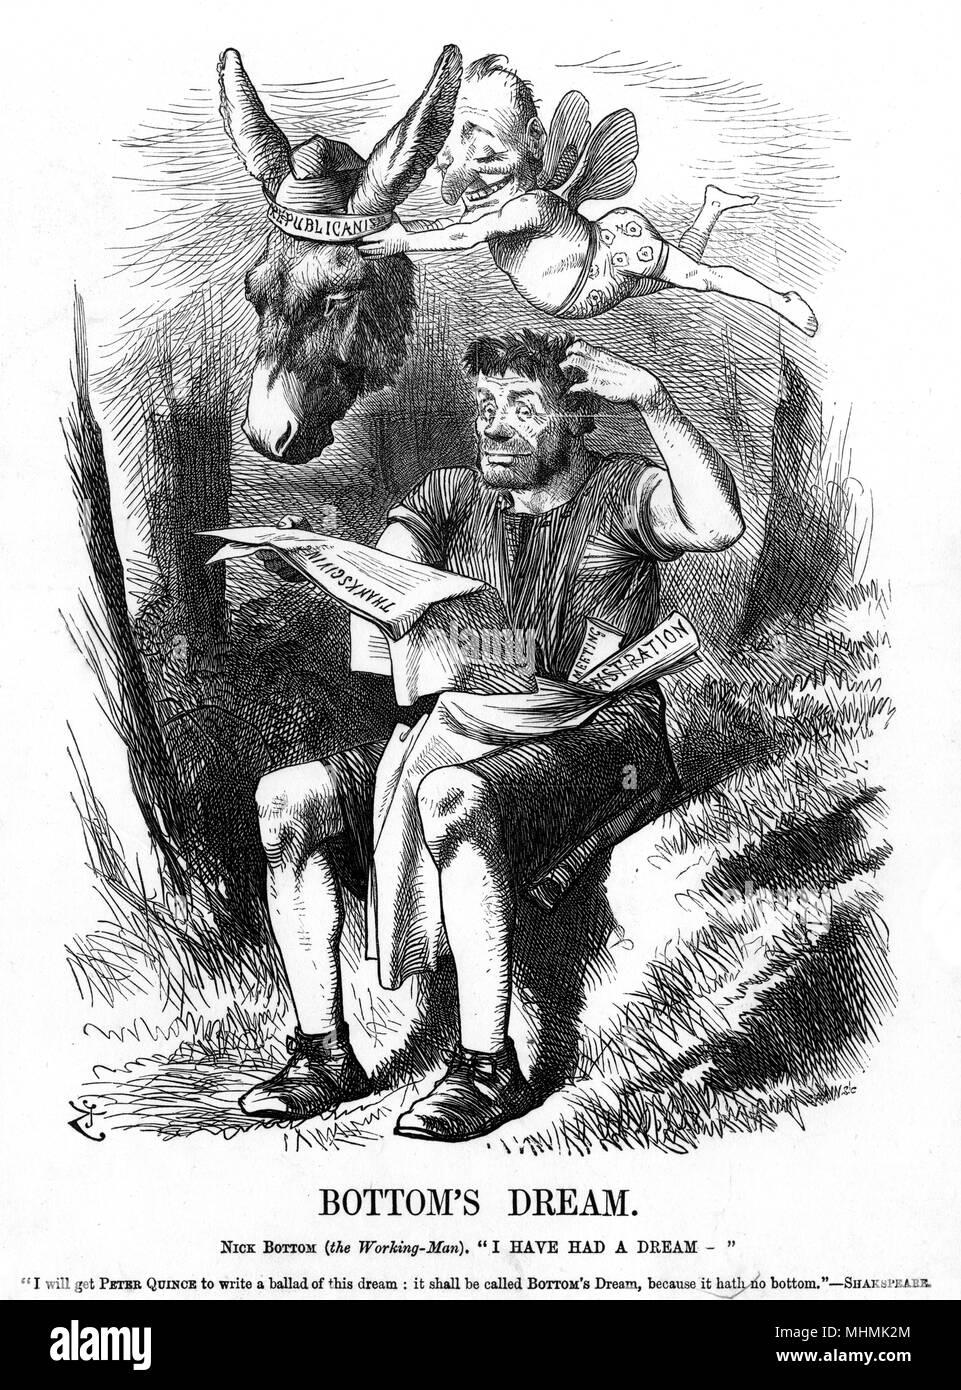 """Fondo di sogno del Nick fondo (la lavorazione-l'uomo): """"Ho un sogno."""". [riceverò Pietro mela cotogna per scrivere una ballata di questo sogno """" Fondo sogno dell' perché non ha nessun fondo!] Data: Marzo 1872 Immagini Stock"""